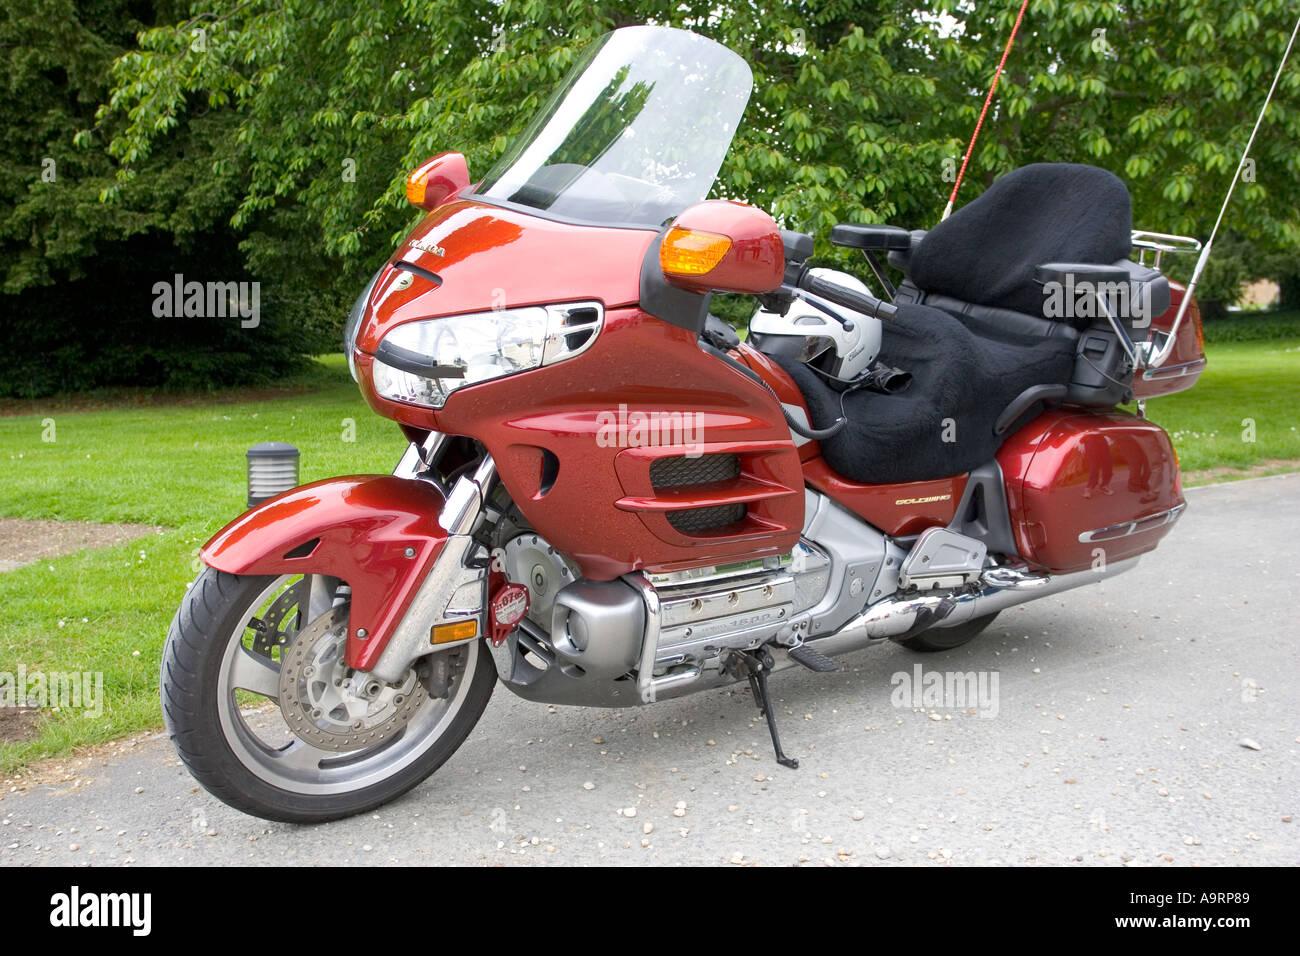 Honda Goldwing Stock Photos Honda Goldwing Stock Images Alamy